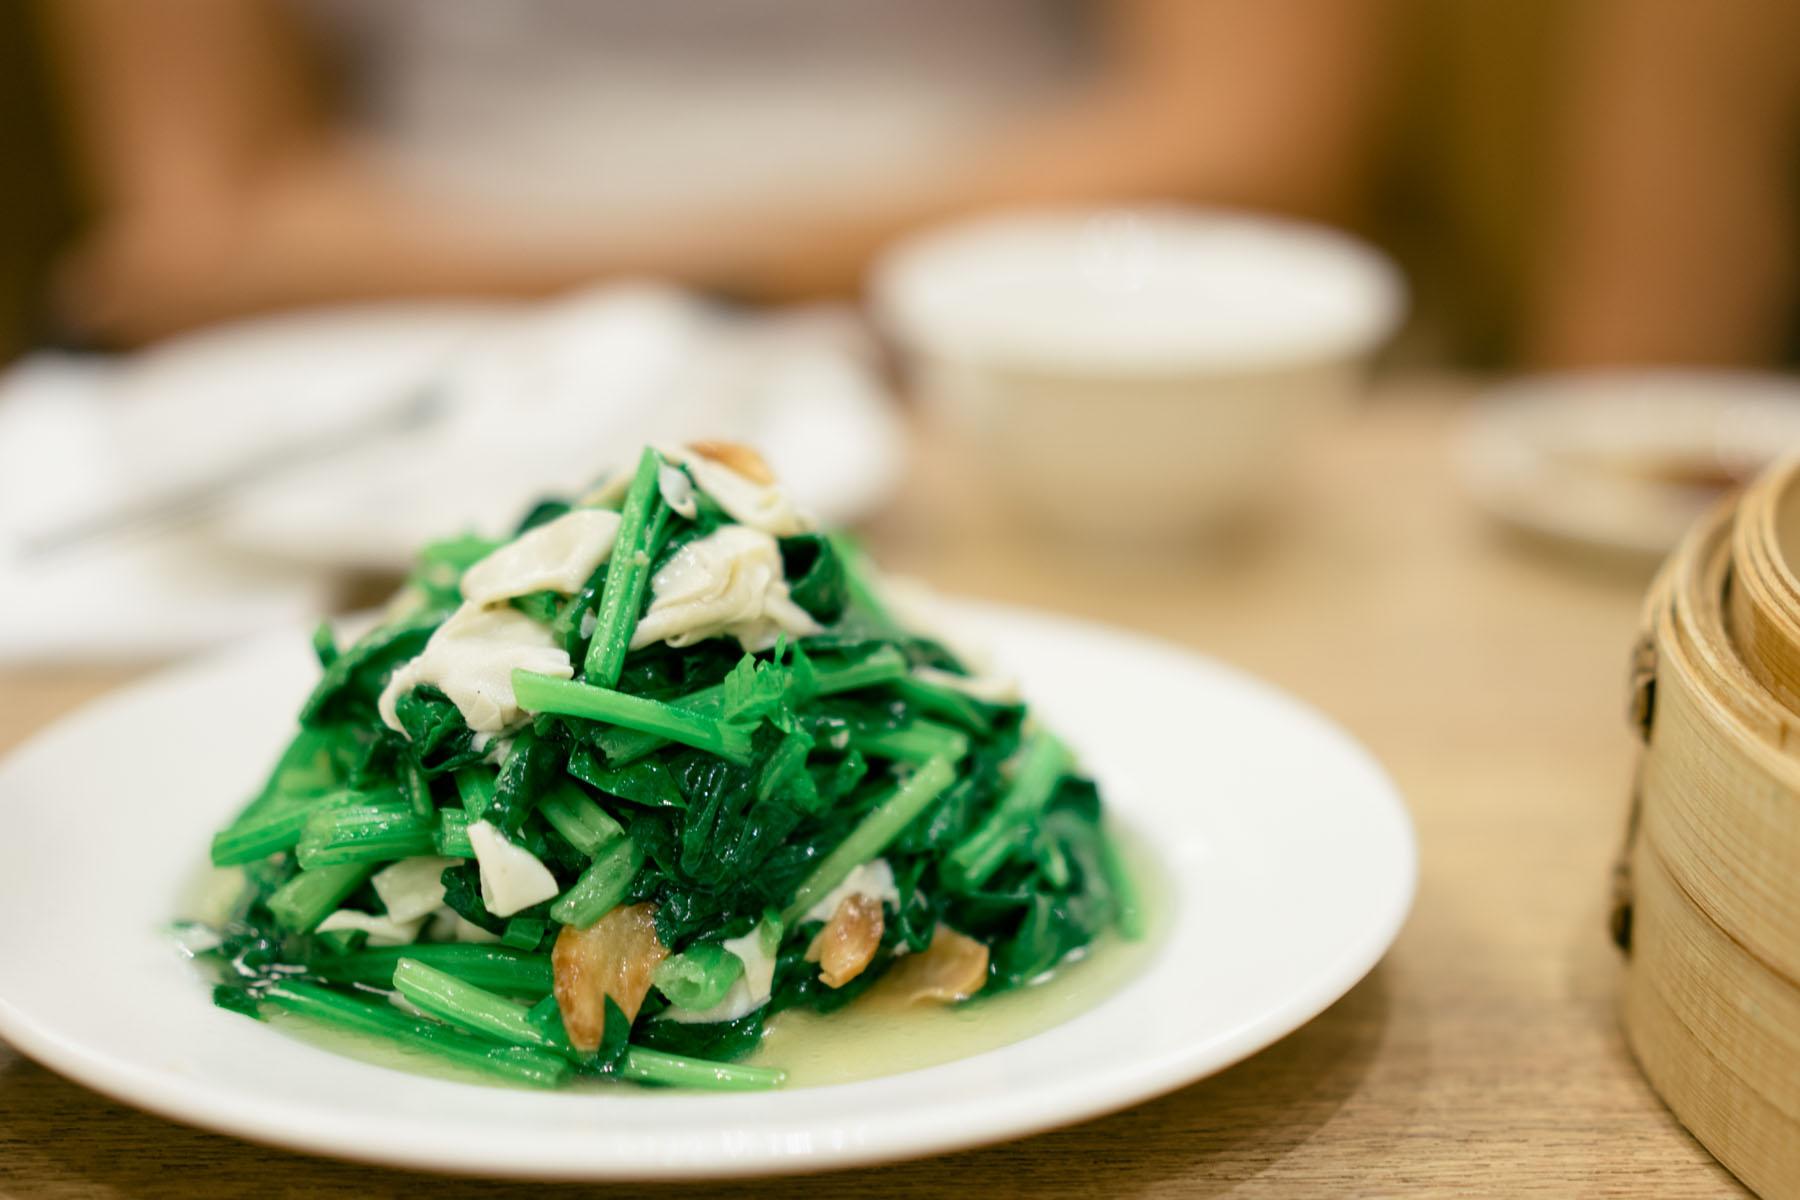 original-din-tai-fung-restaurant-taipei-taiwan-6